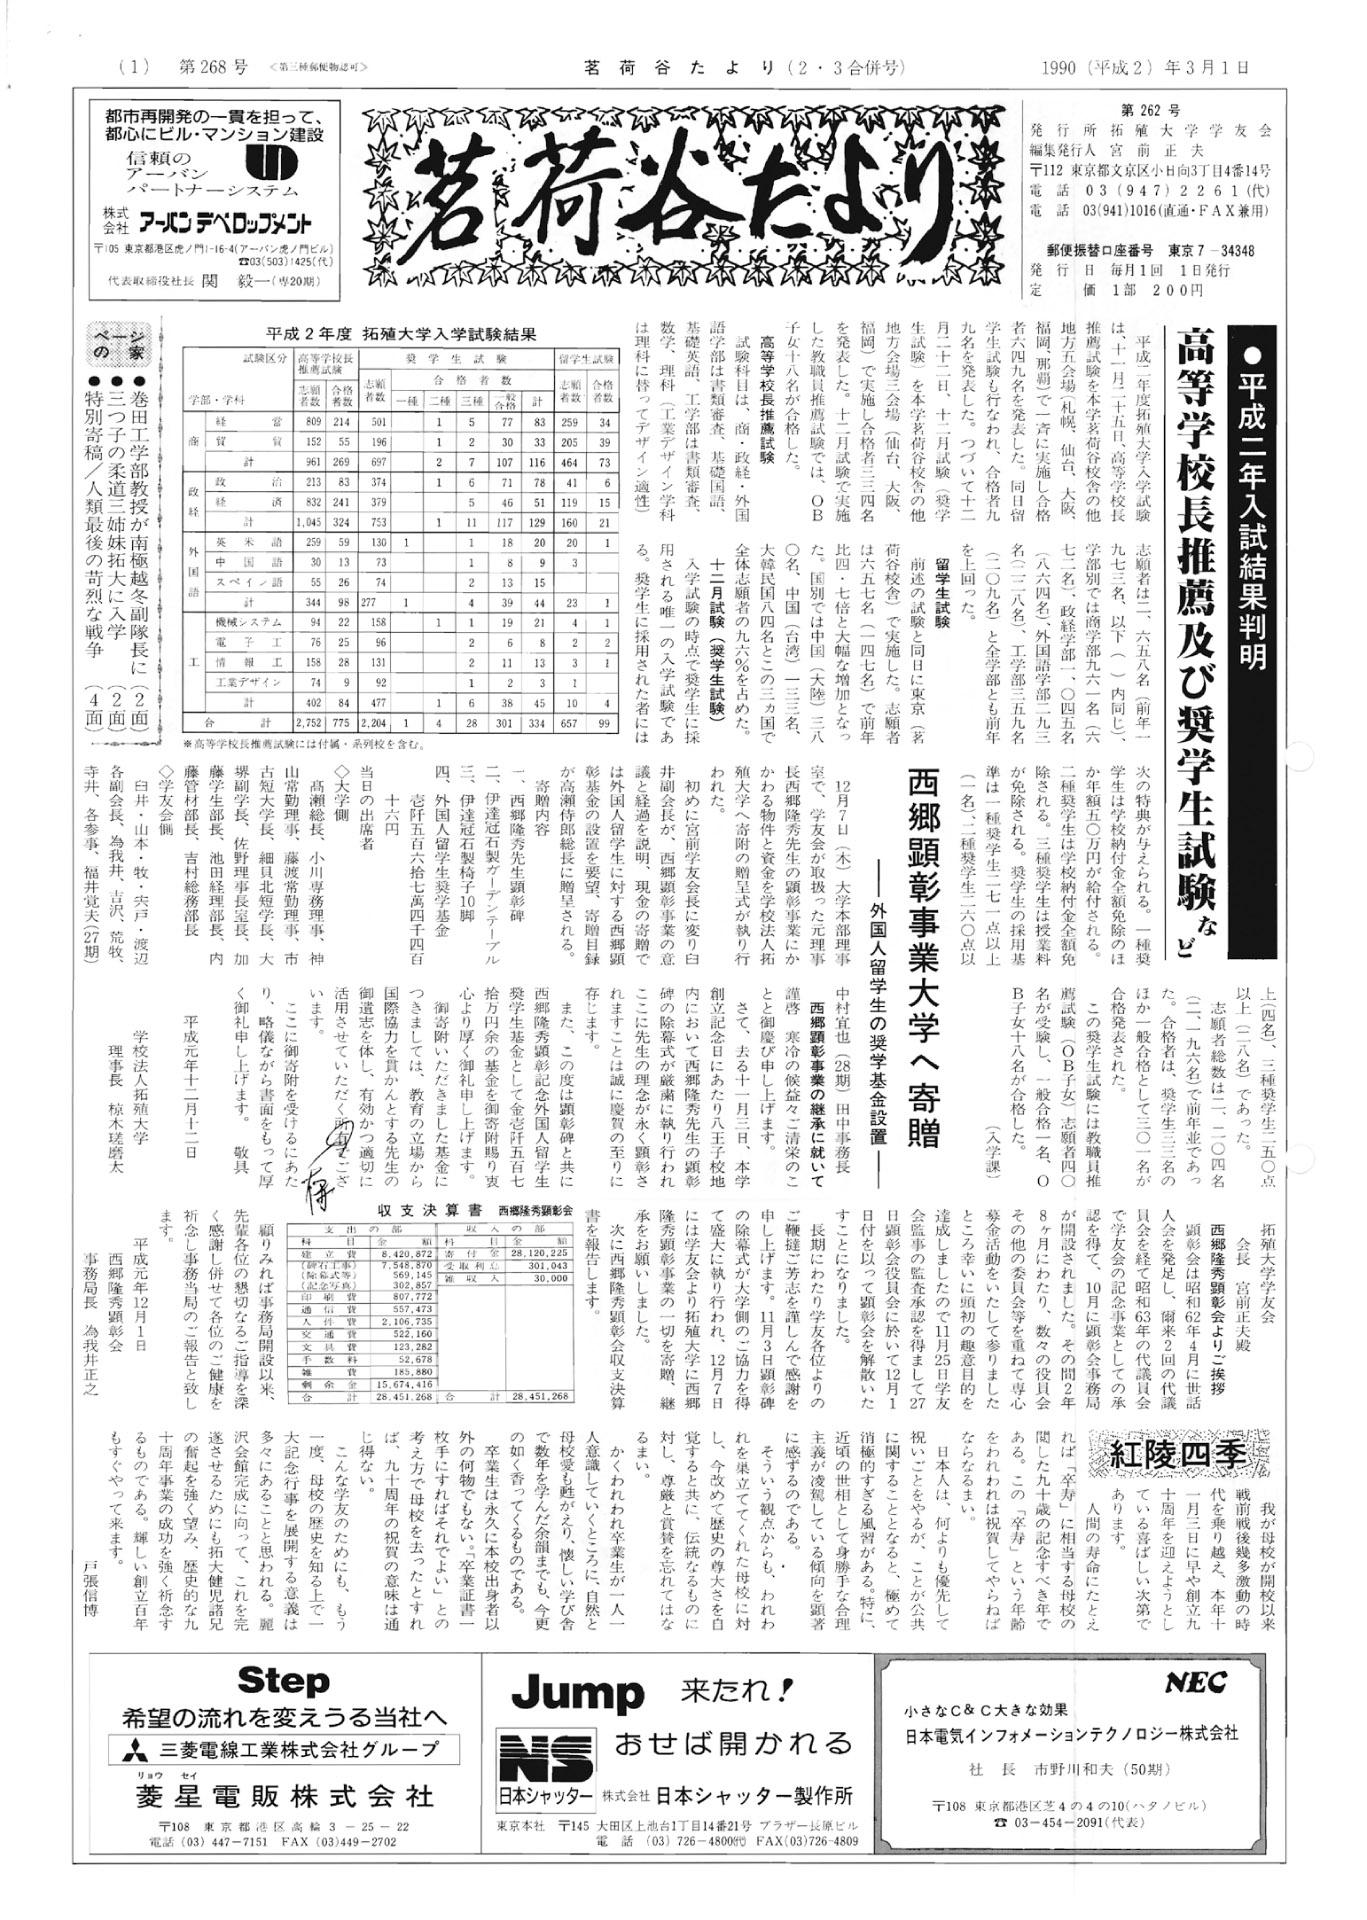 茗荷谷たより2・3月合併号(第268号)表紙